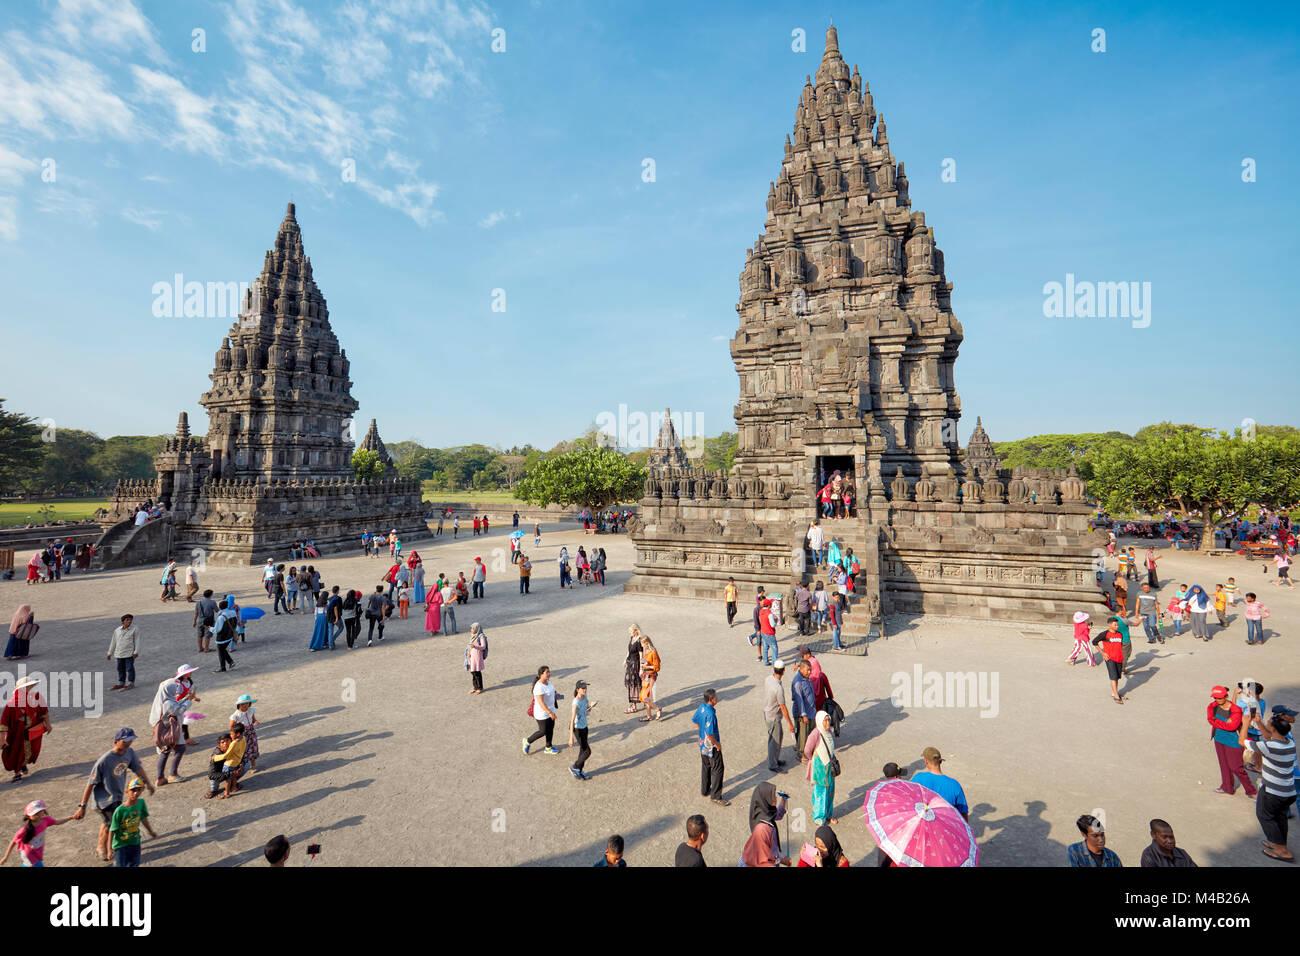 Les visiteurs du Temple Hindou de Prambanan composé. La région spéciale de Yogyakarta, Java, Indonésie. Photo Stock